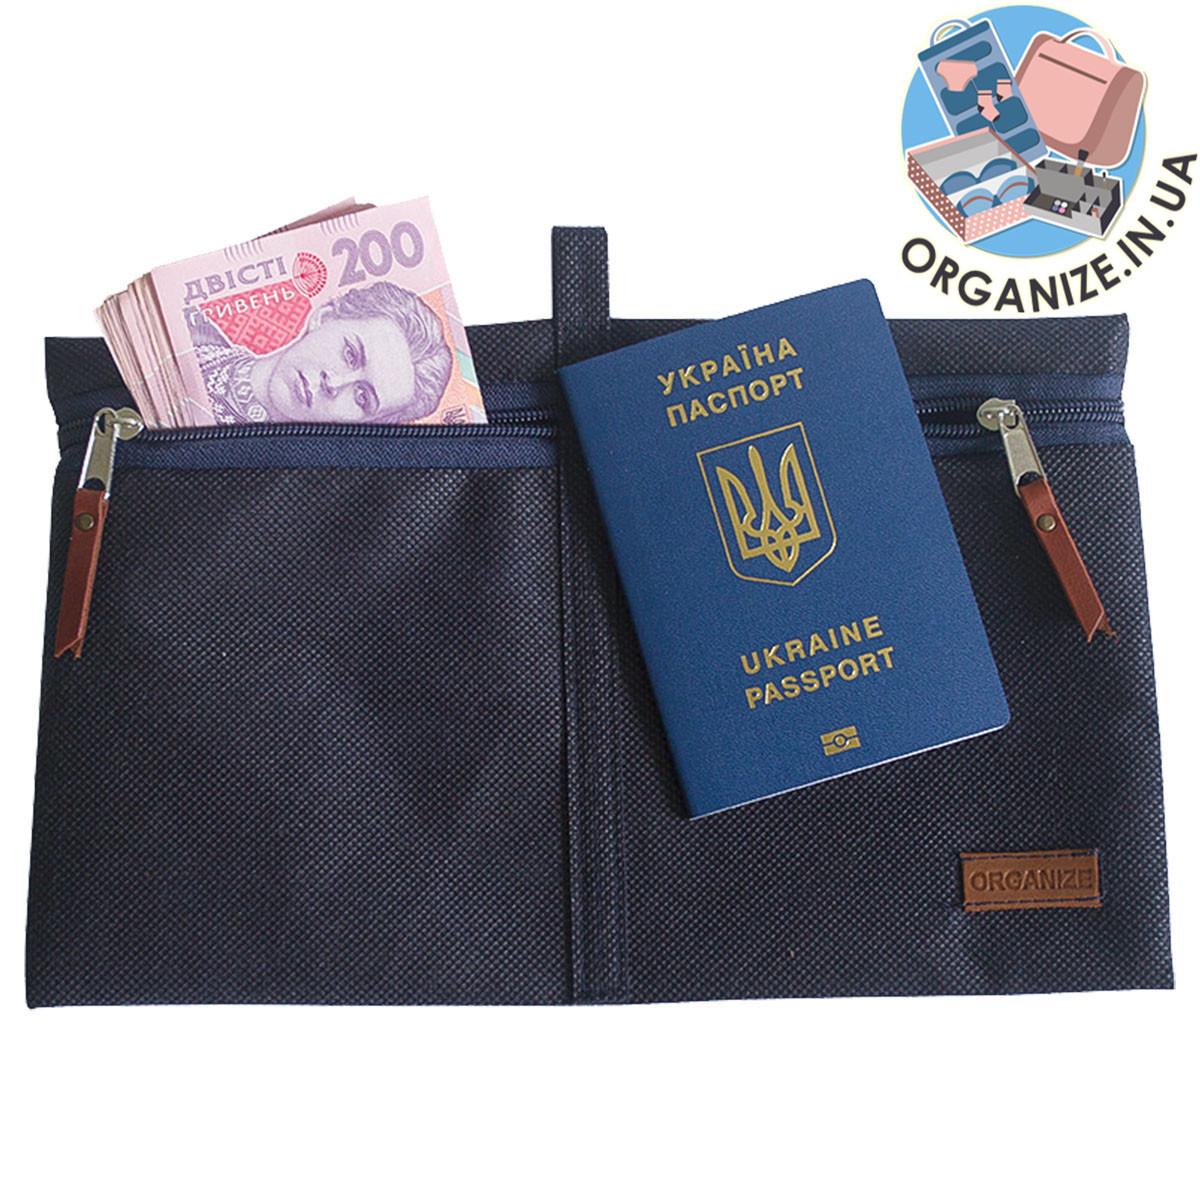 Органайзер для путешествий для документов ORGANIZE (синий)